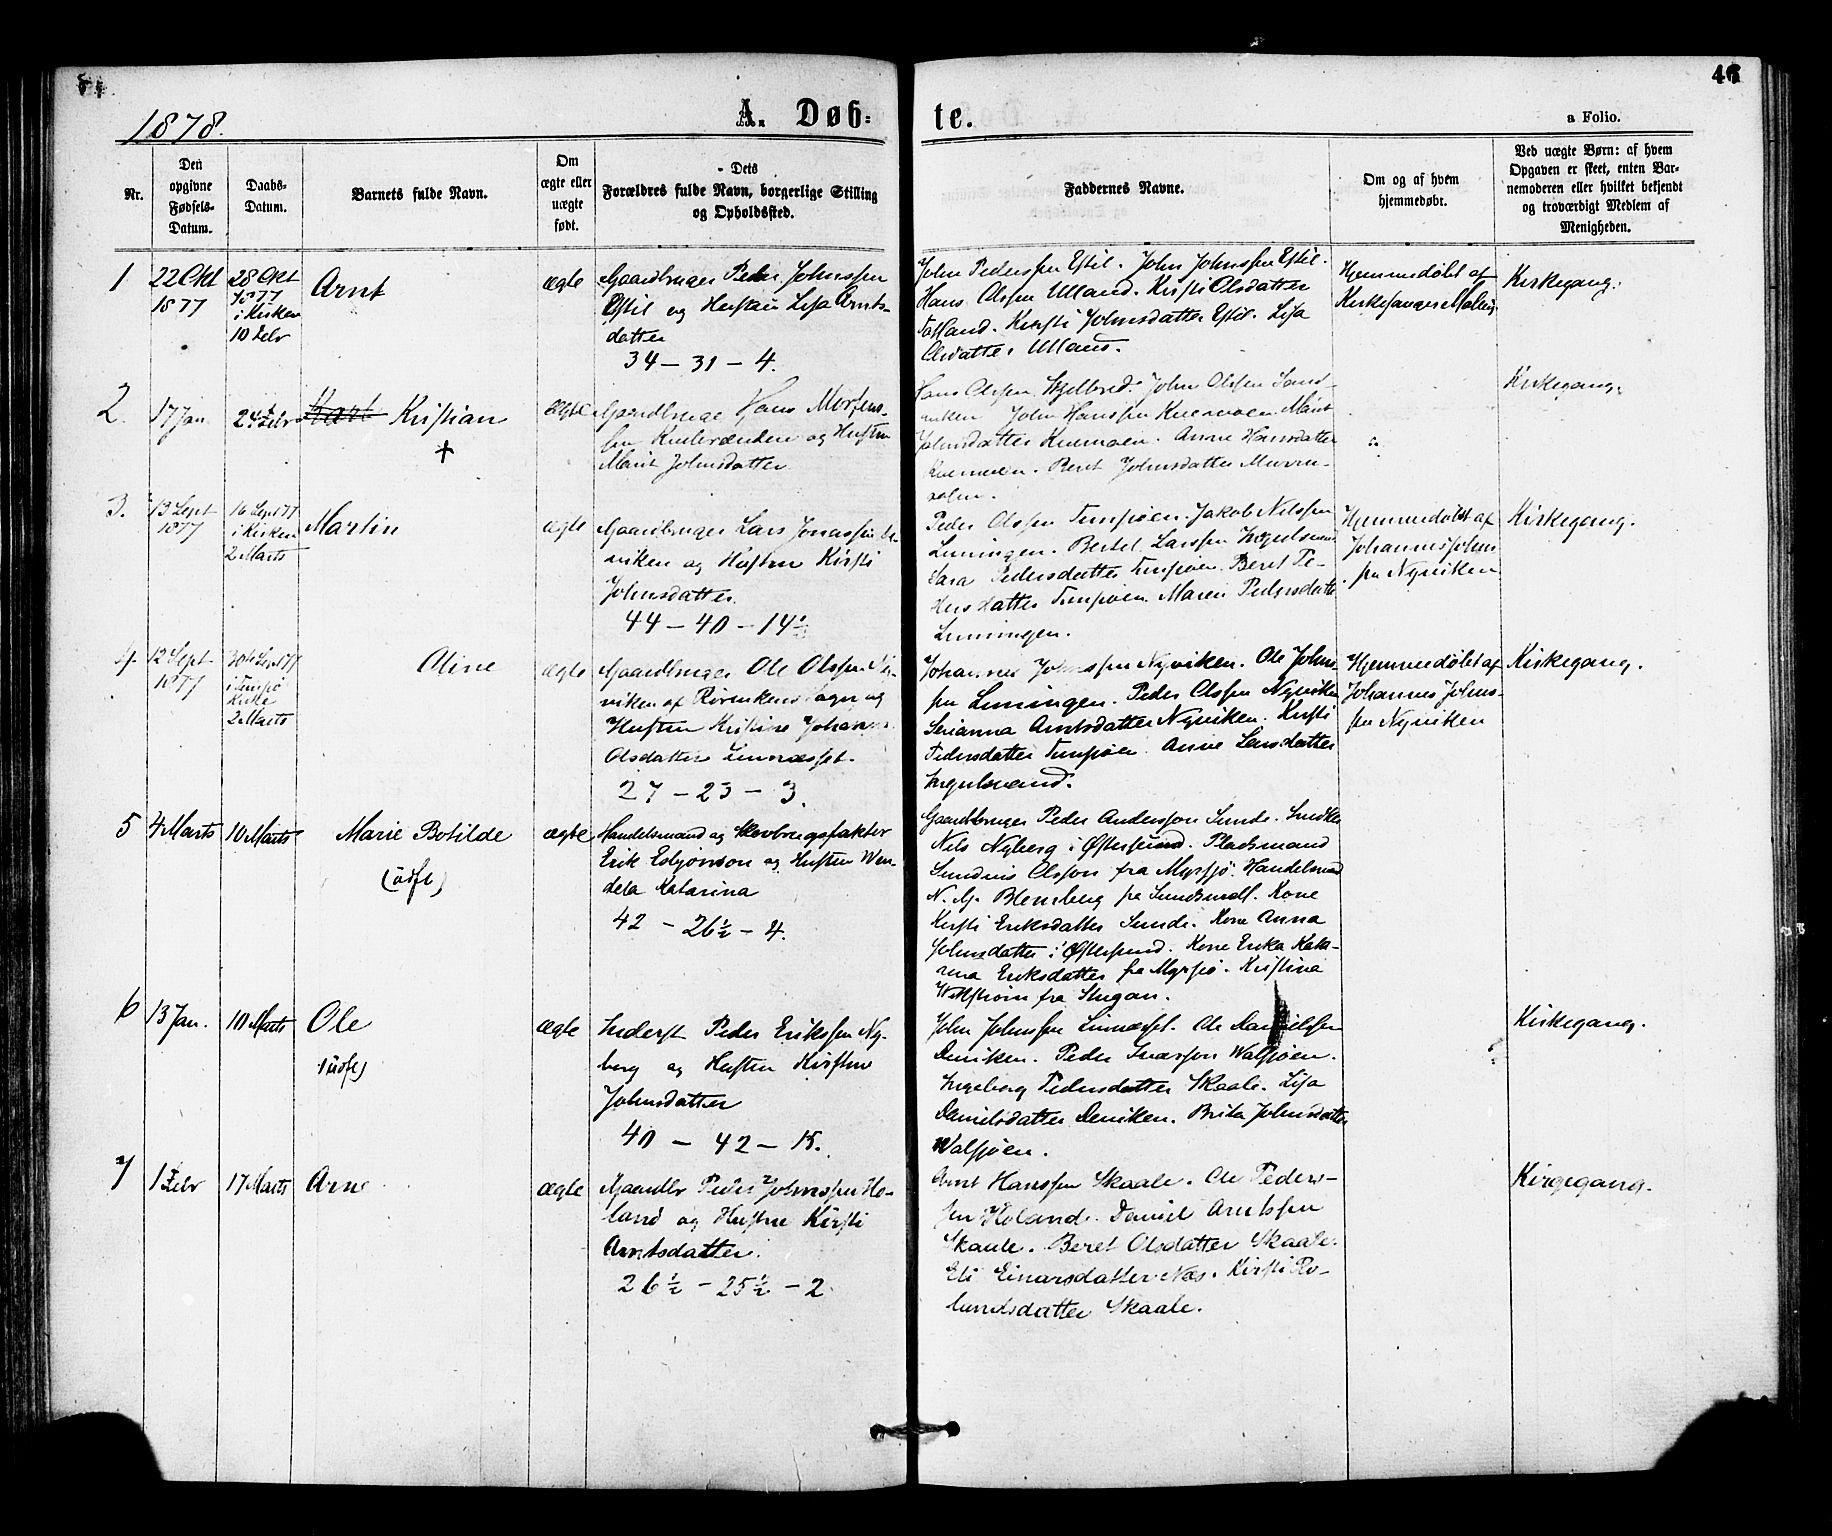 SAT, Ministerialprotokoller, klokkerbøker og fødselsregistre - Nord-Trøndelag, 755/L0493: Ministerialbok nr. 755A02, 1865-1881, s. 46